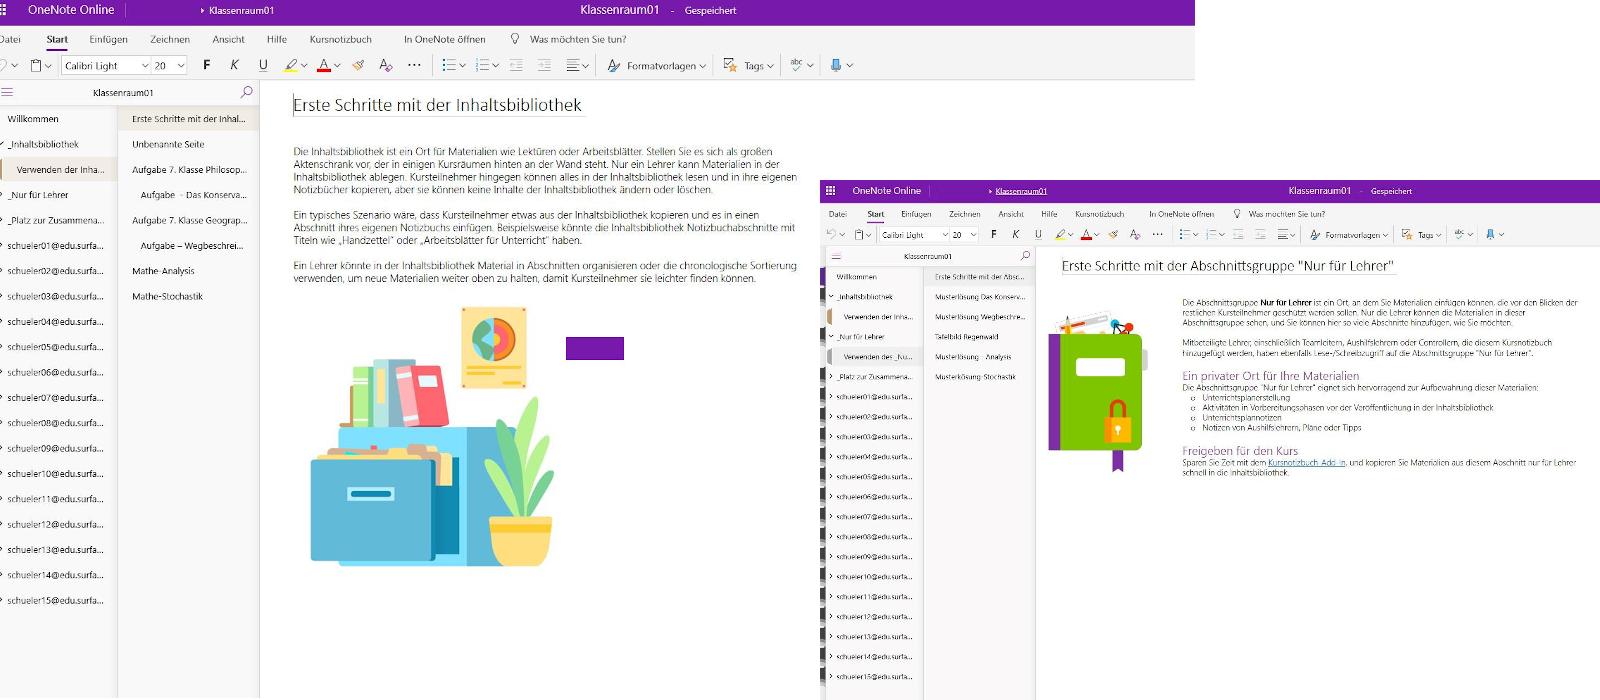 Zwei Desktopfenster zeigen verschiedene Anwendungsbeispiele in OneNote